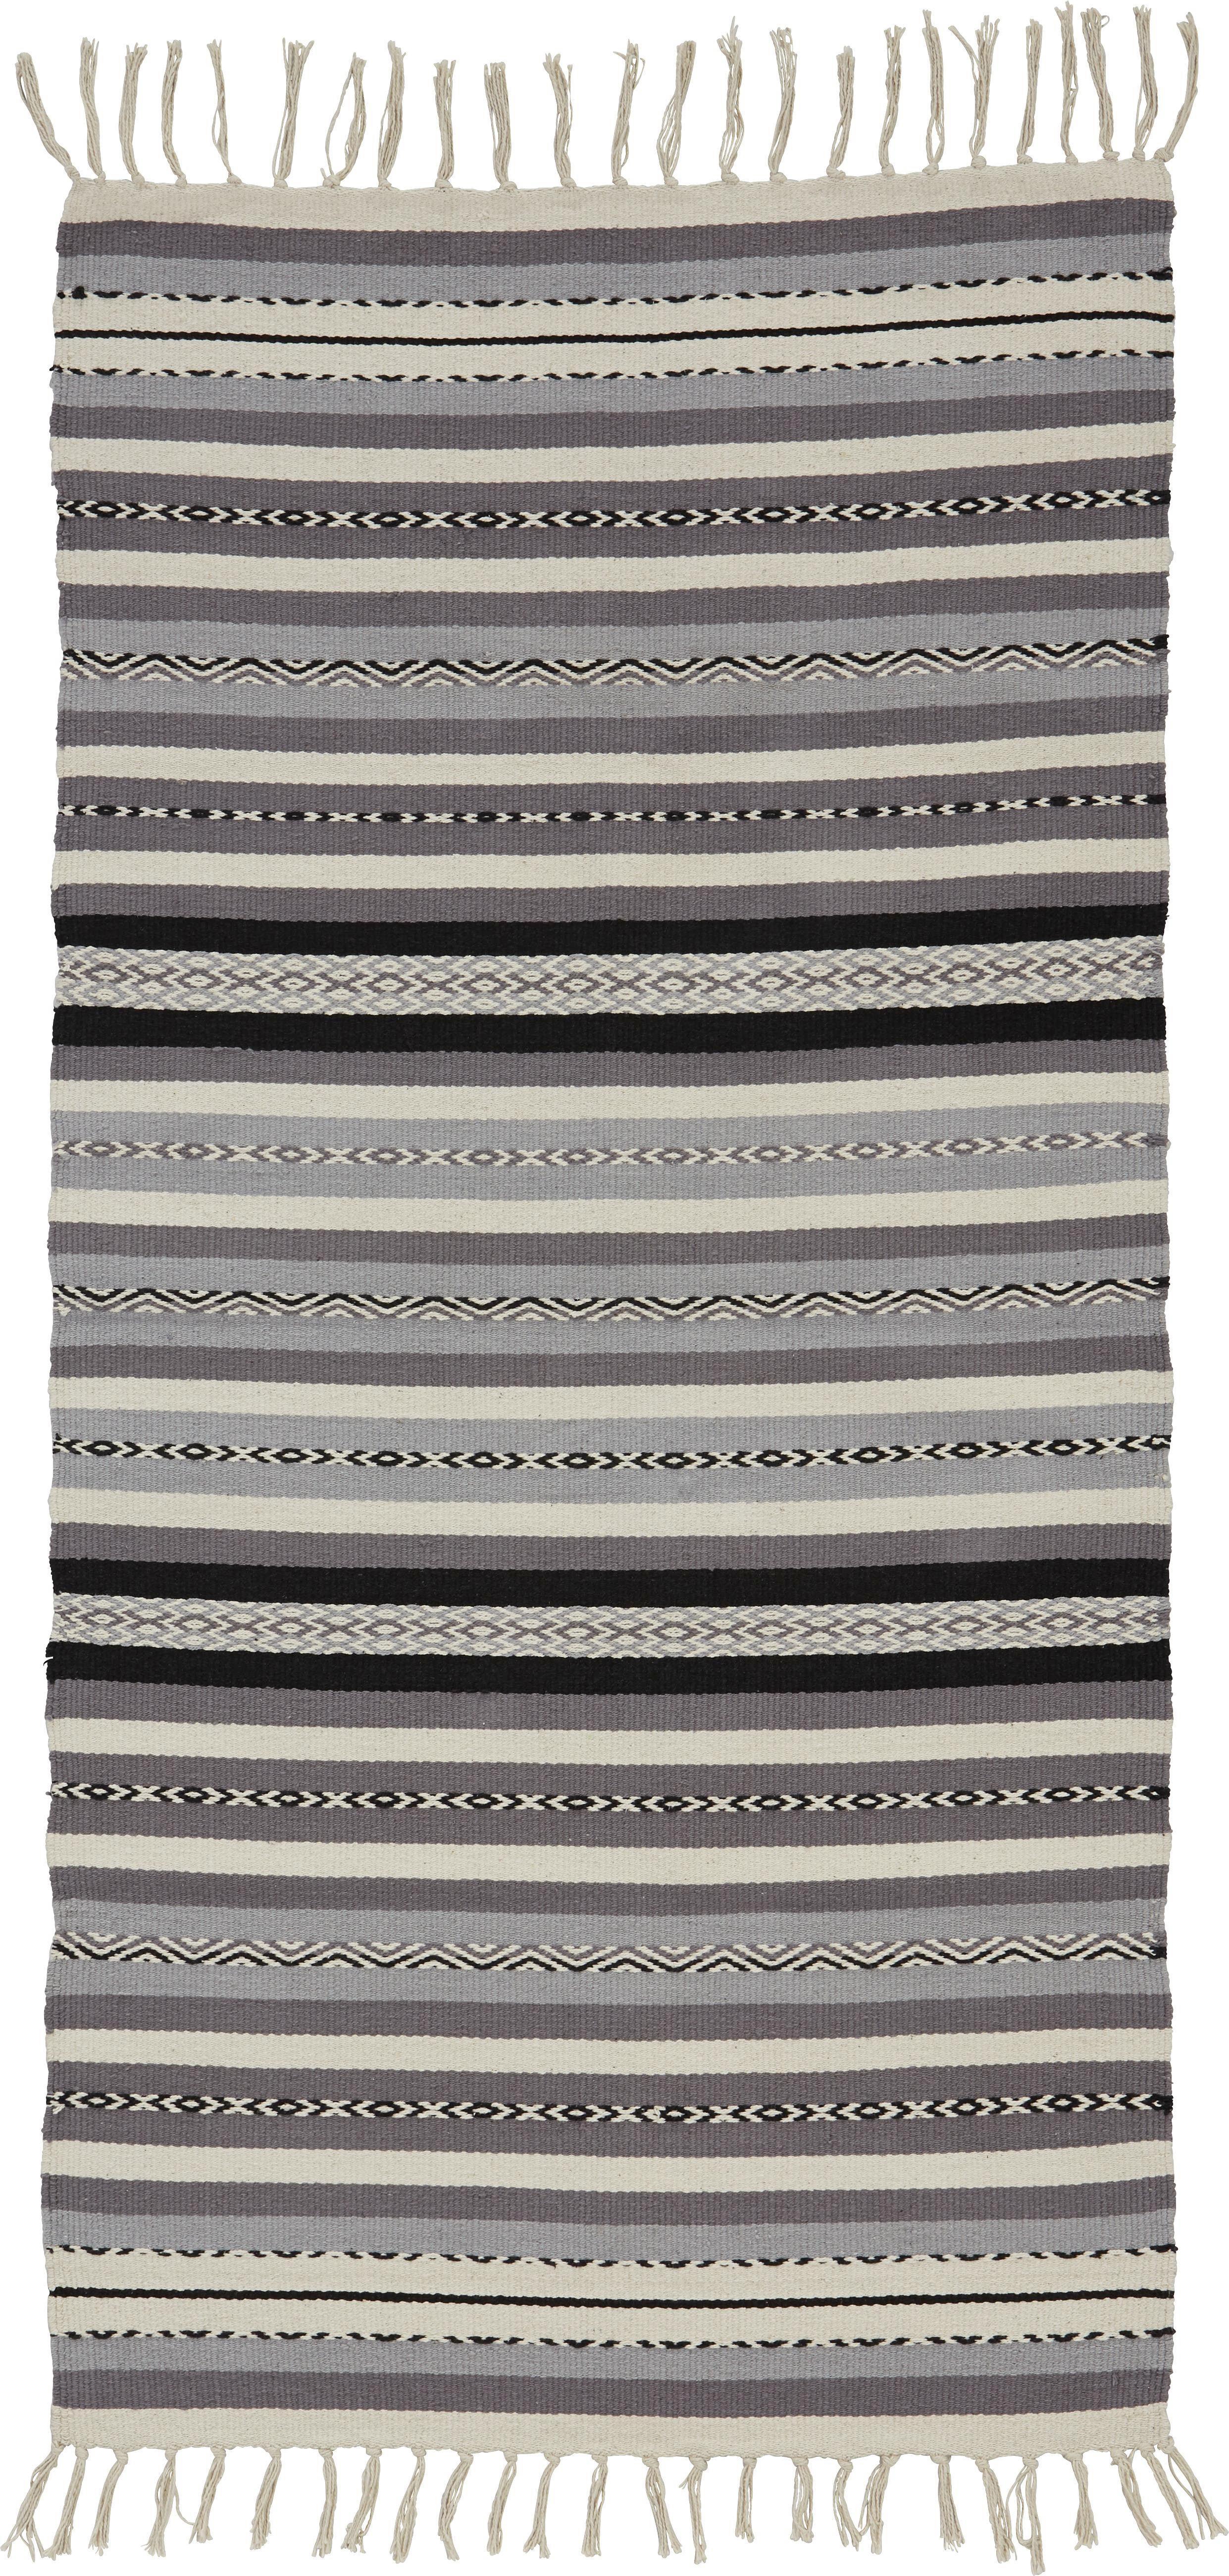 Teppich India 70x140cm online kaufen ➤ mömax